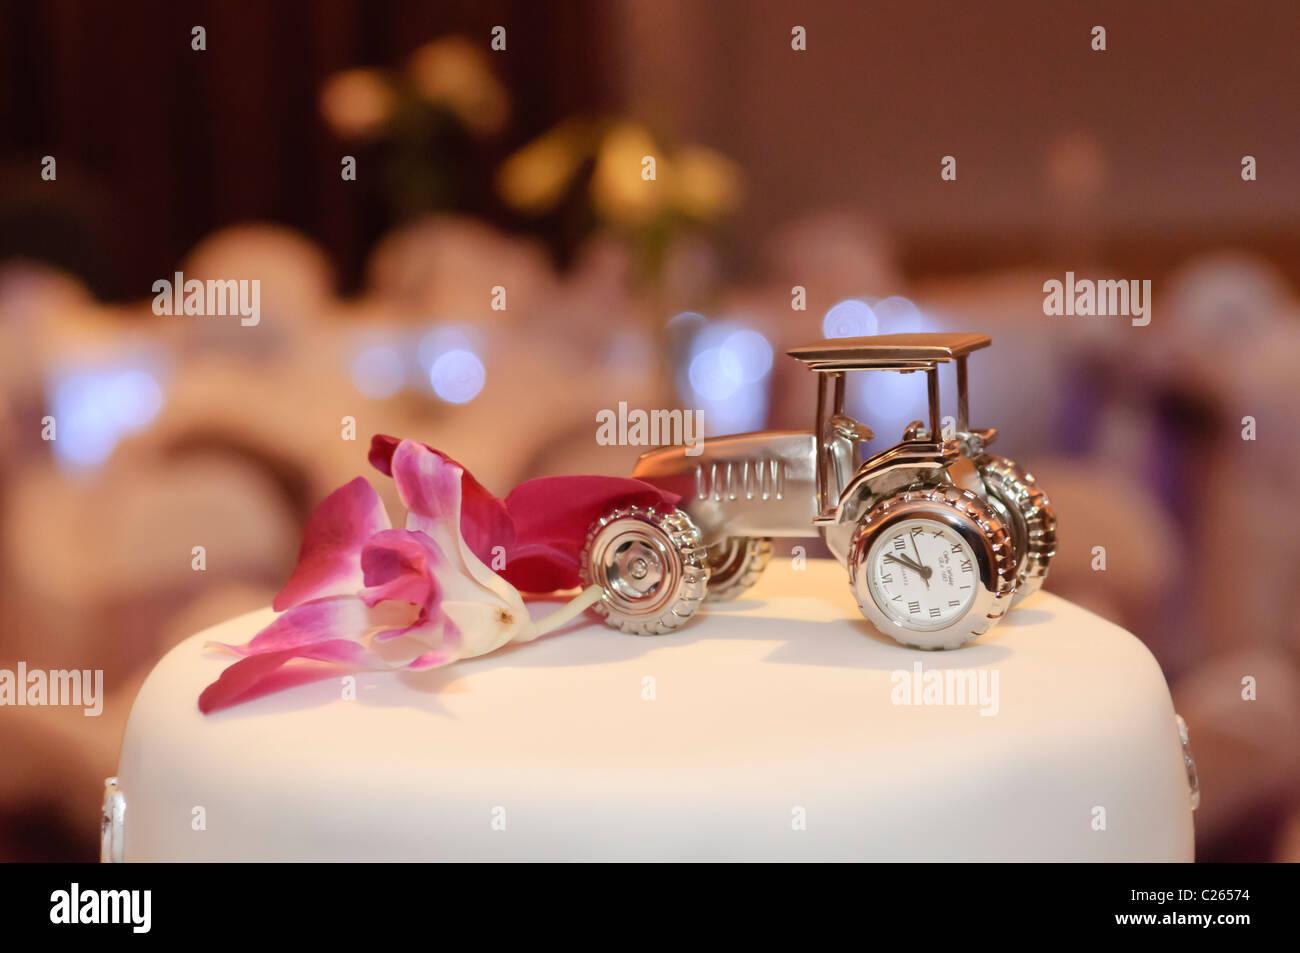 Traktor Auf Einer Hochzeitstorte Stockfoto Bild 35785880 Alamy